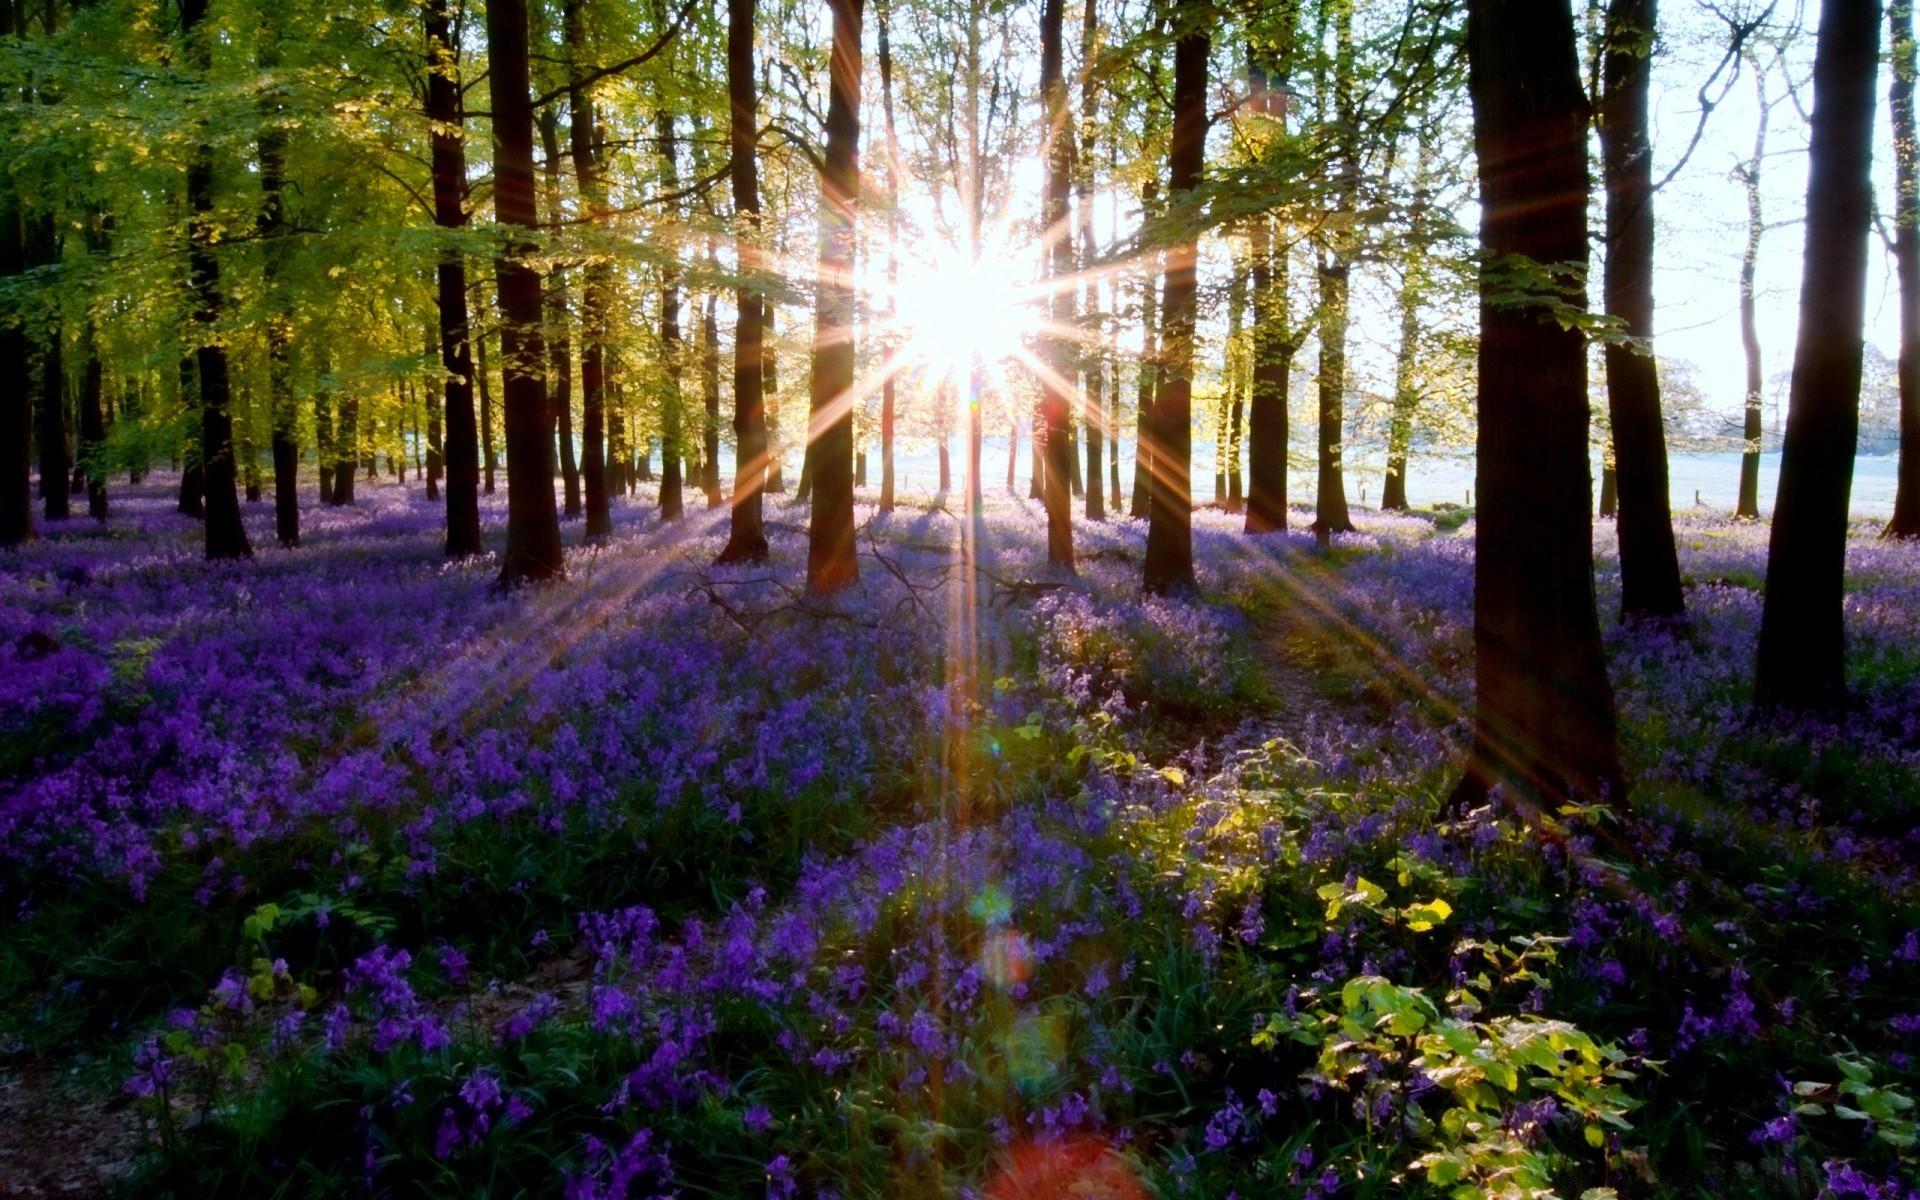 наносится фотообои утро в весеннем лесу чешская крона это